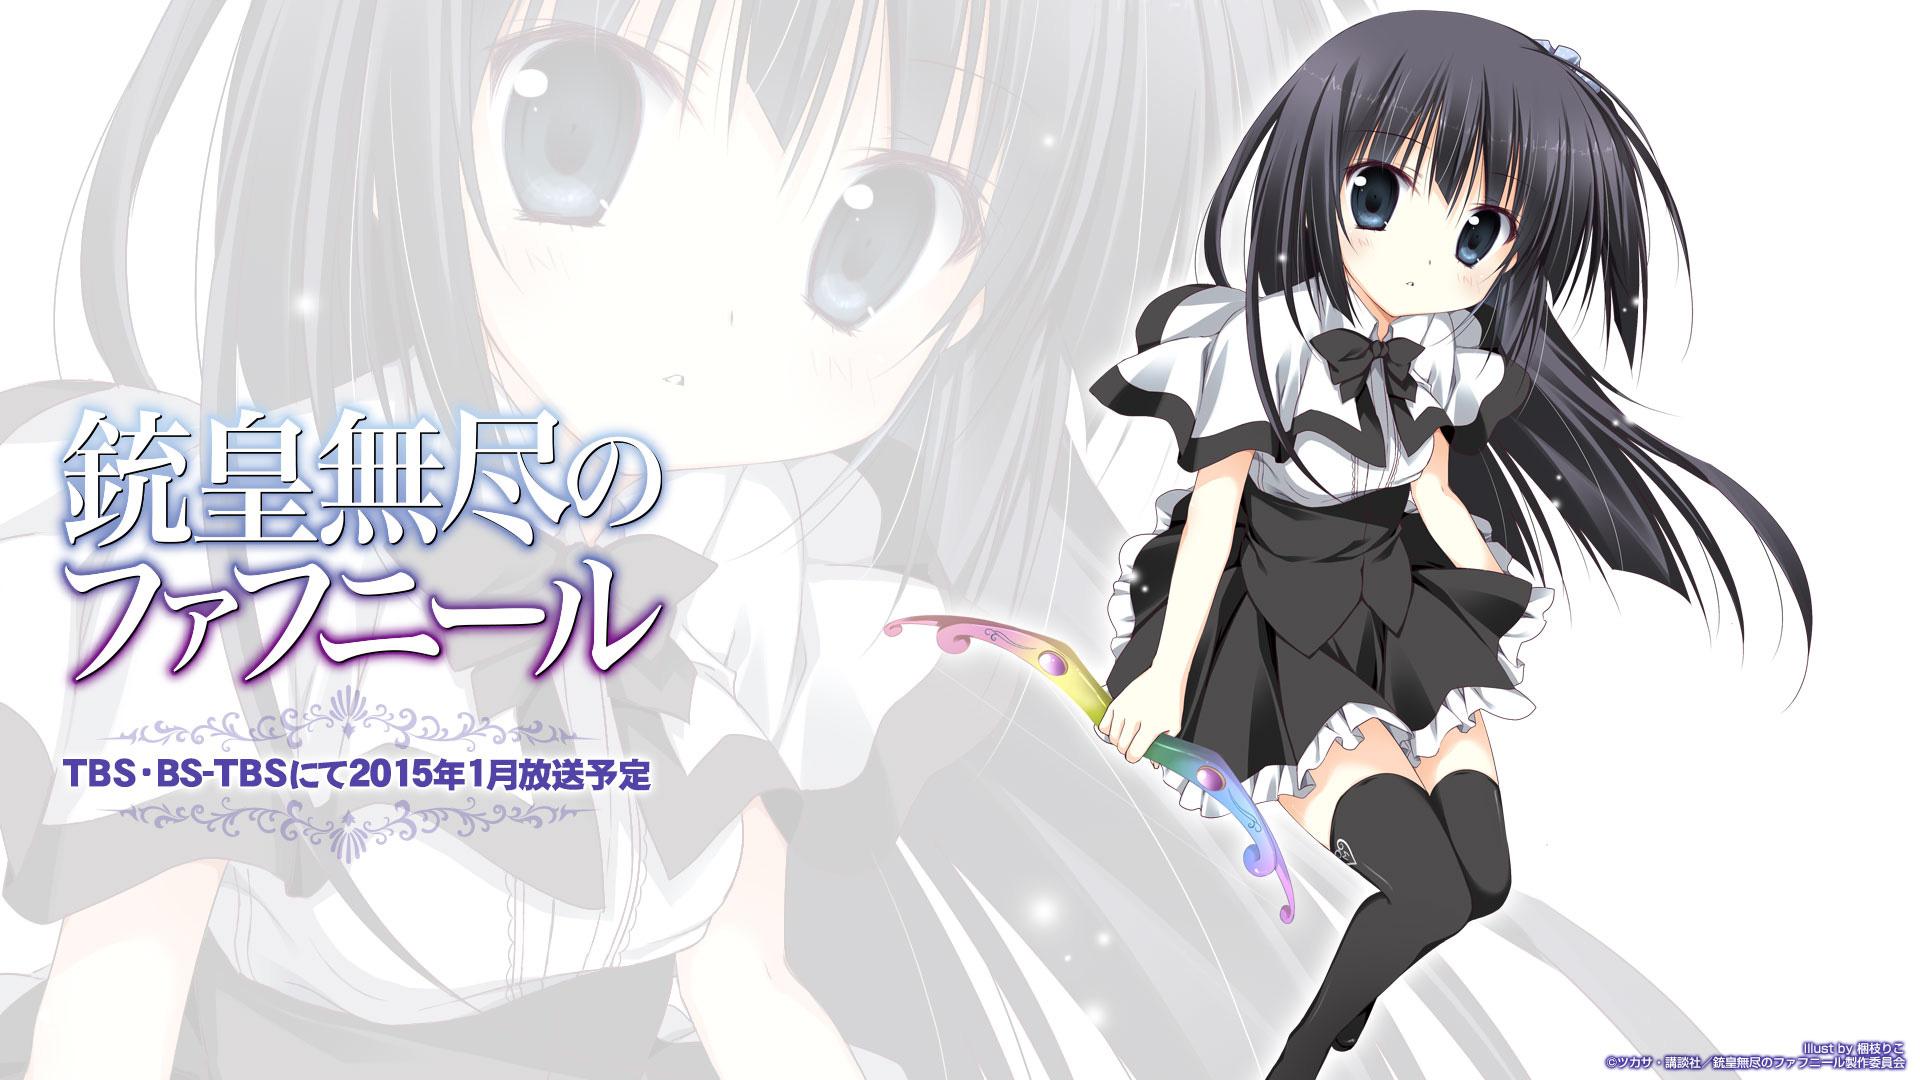 Juuou-Mujin-no-Fafnir_Haruhichan.com_Anime-Mitsuki-Mononobe-Wallpaper